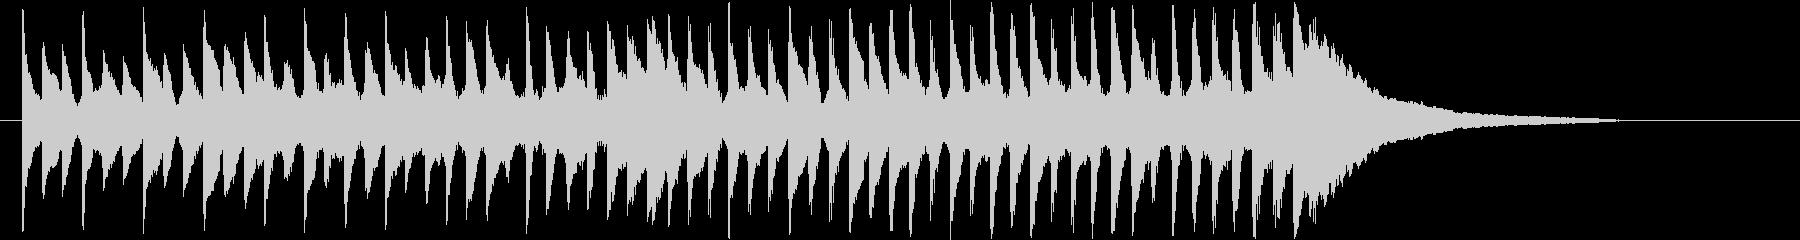 ピアノソロ 子供 遊び ナチュラル 自然の未再生の波形